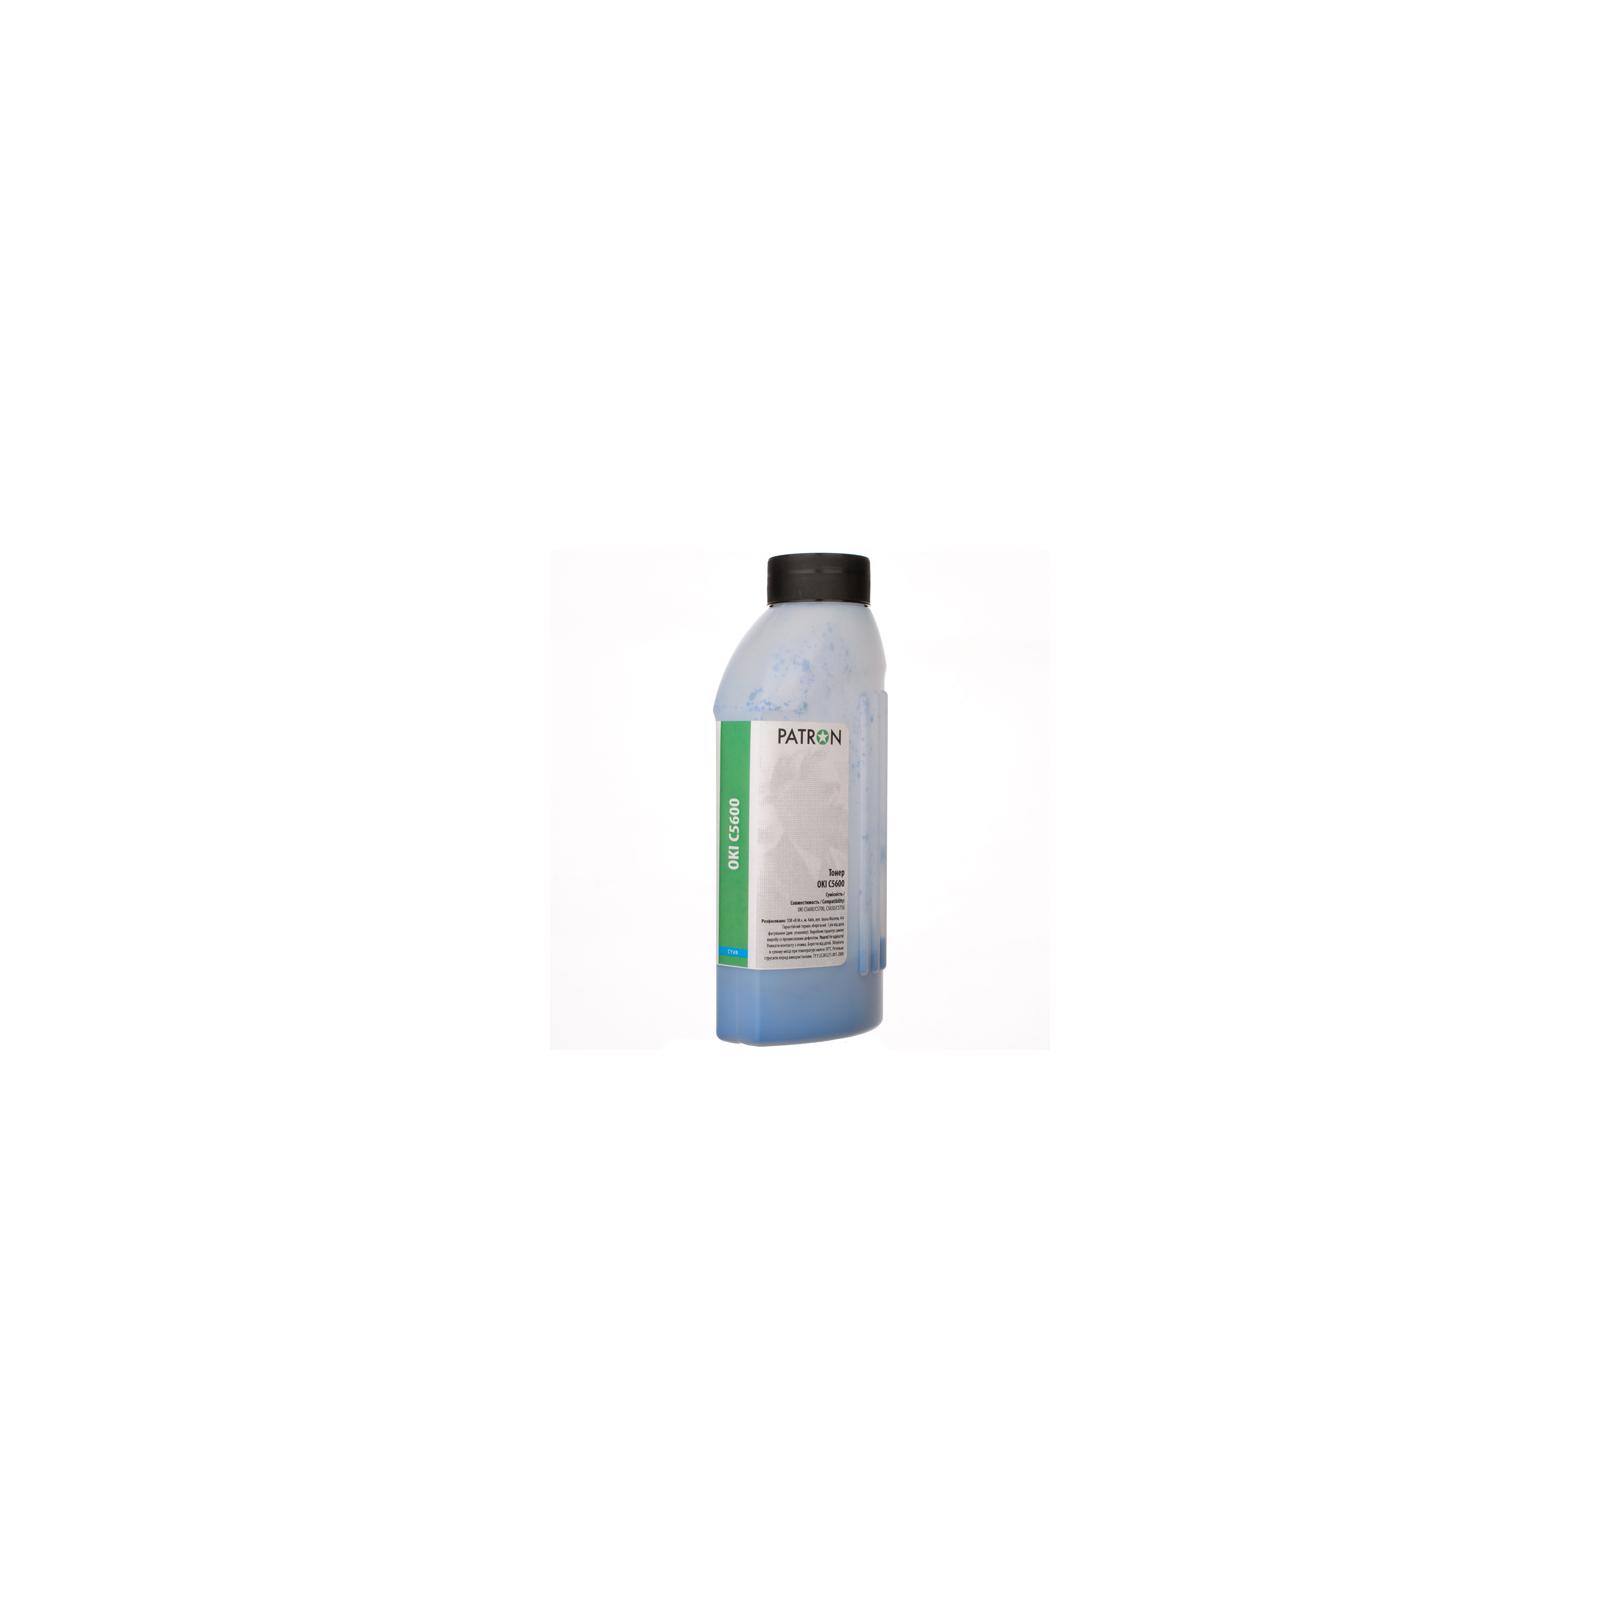 Тонер PATRON OKI C5600 CYAN 50г (T-PN-OC5600-C-050)